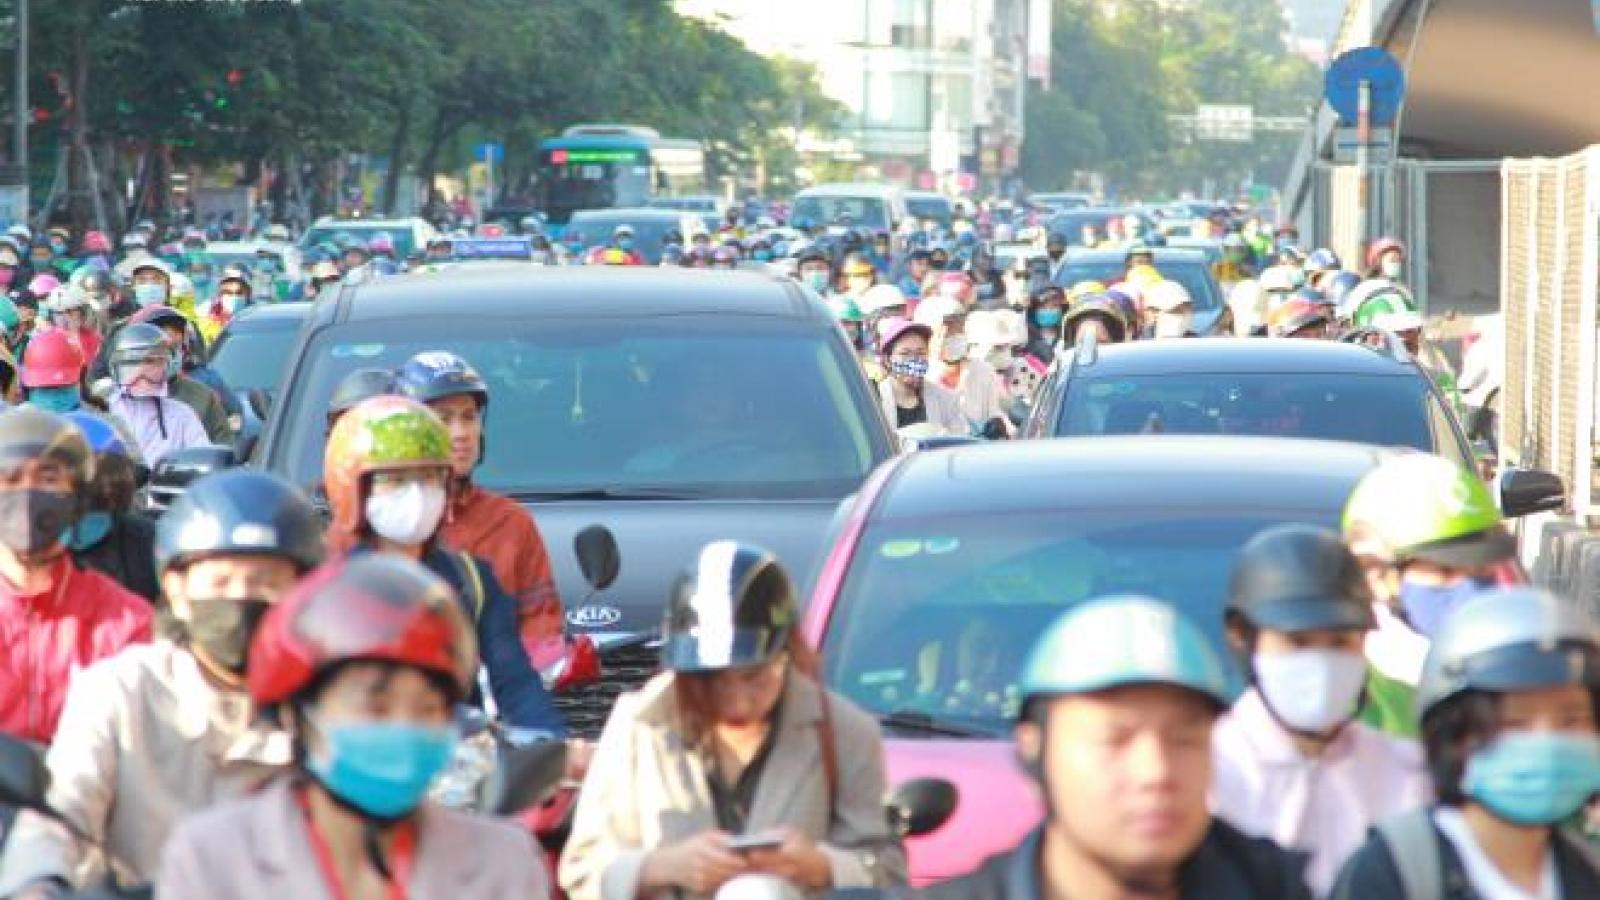 Vì sao giao thông Hà Nội cứ thông chỗ này lại tắc chỗ kia?